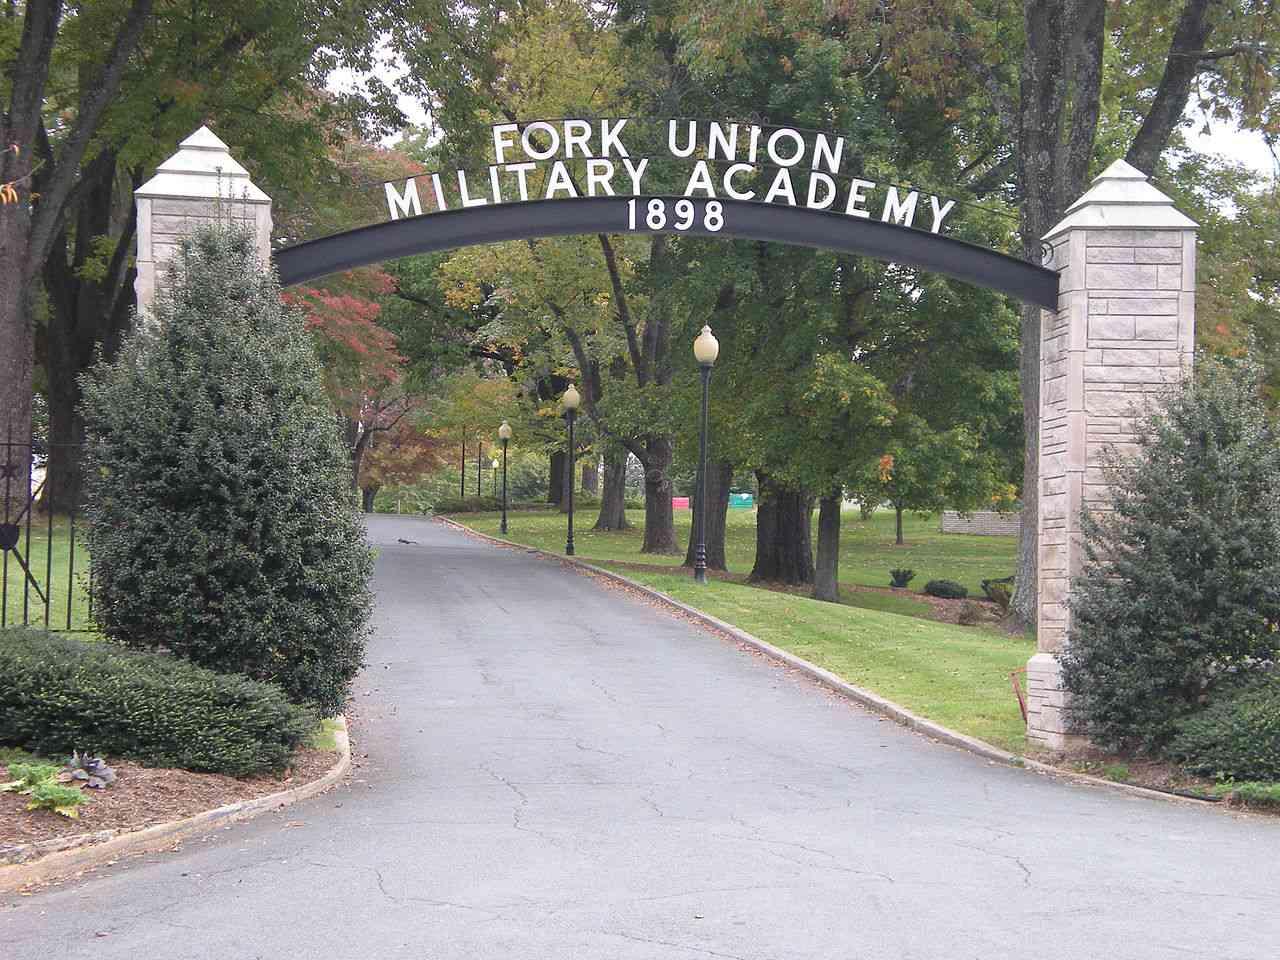 Fork Union Military Academy Entrance